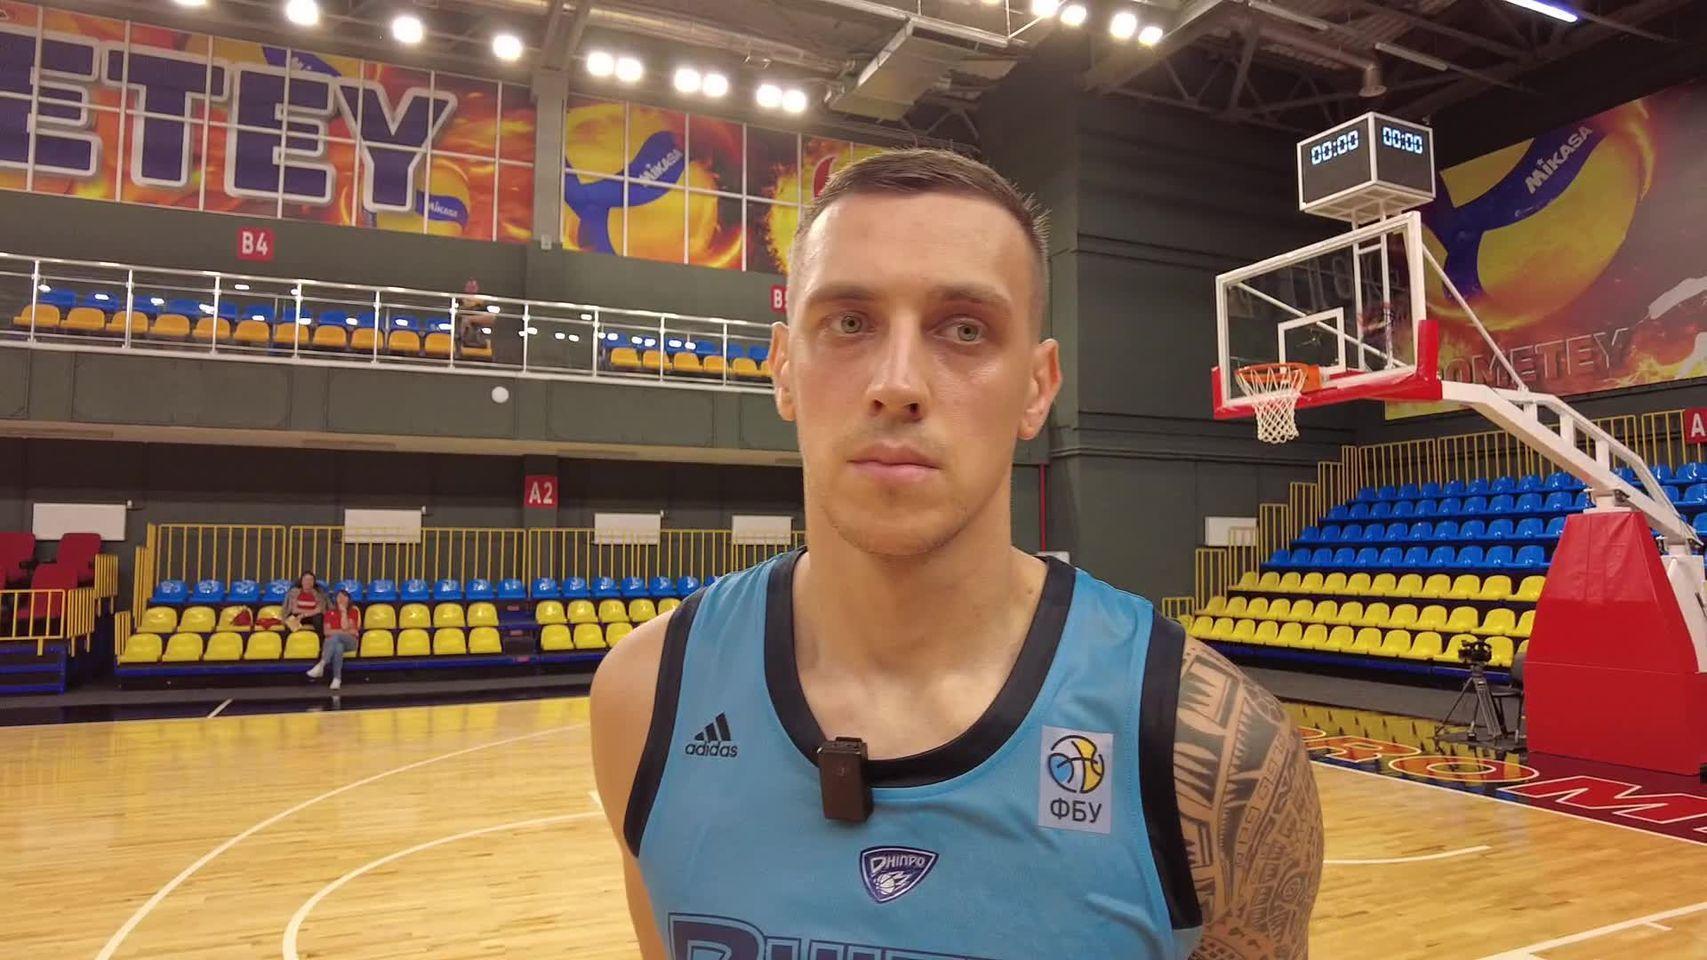 В'ячеслав Бобров: Київ-Баскет тримав нас у швидкому нападі, не дав забити легкі очки